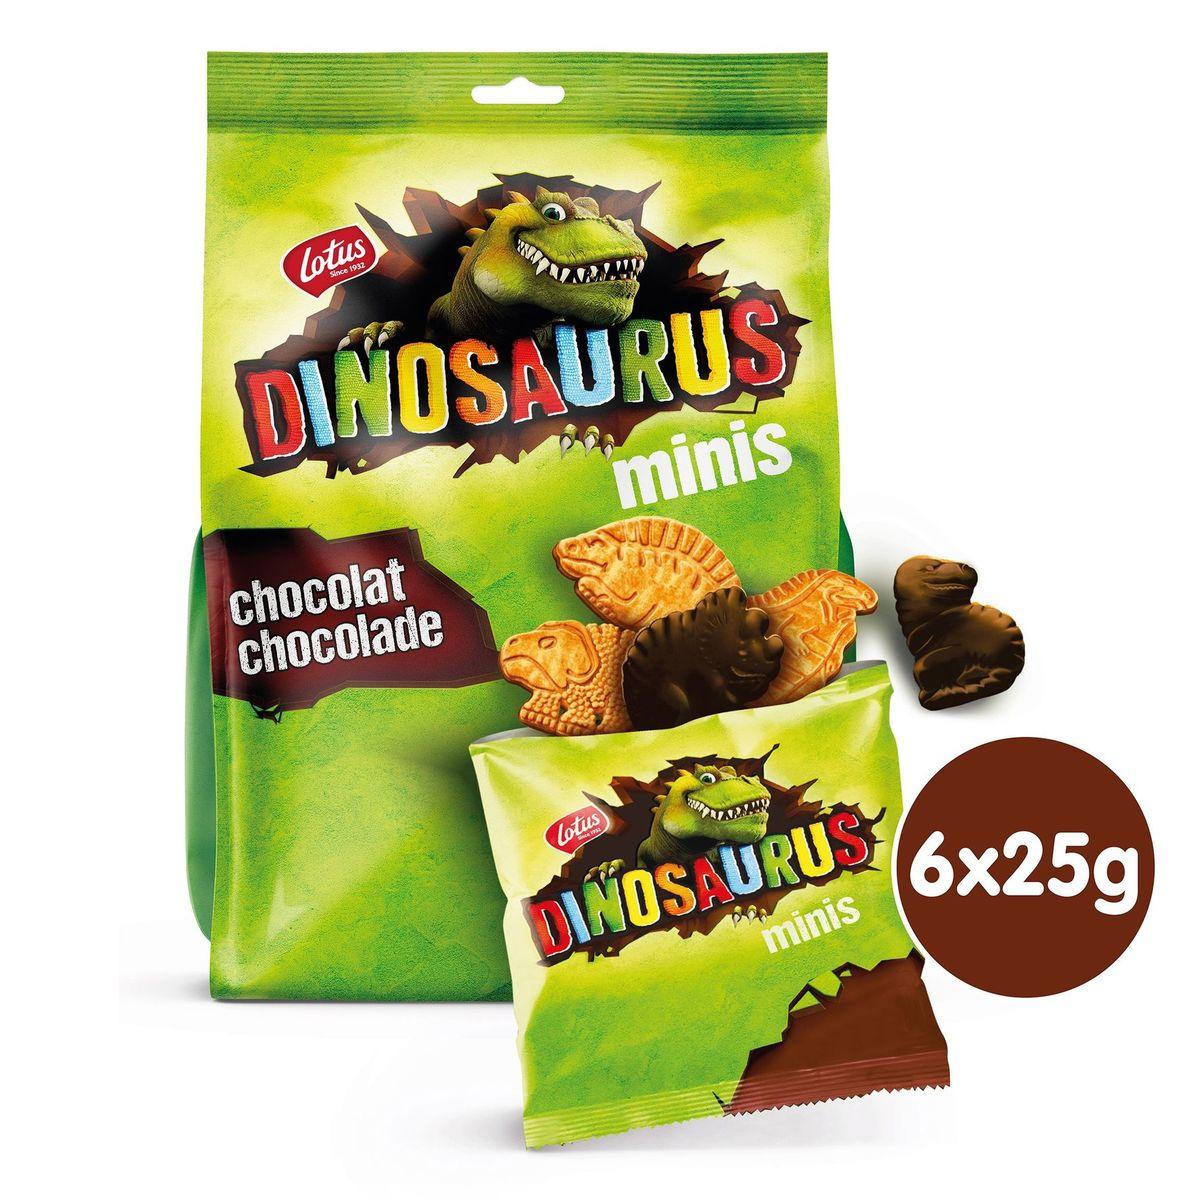 Lotus Dinosaurus Chocolat Minis 6 x 25 g